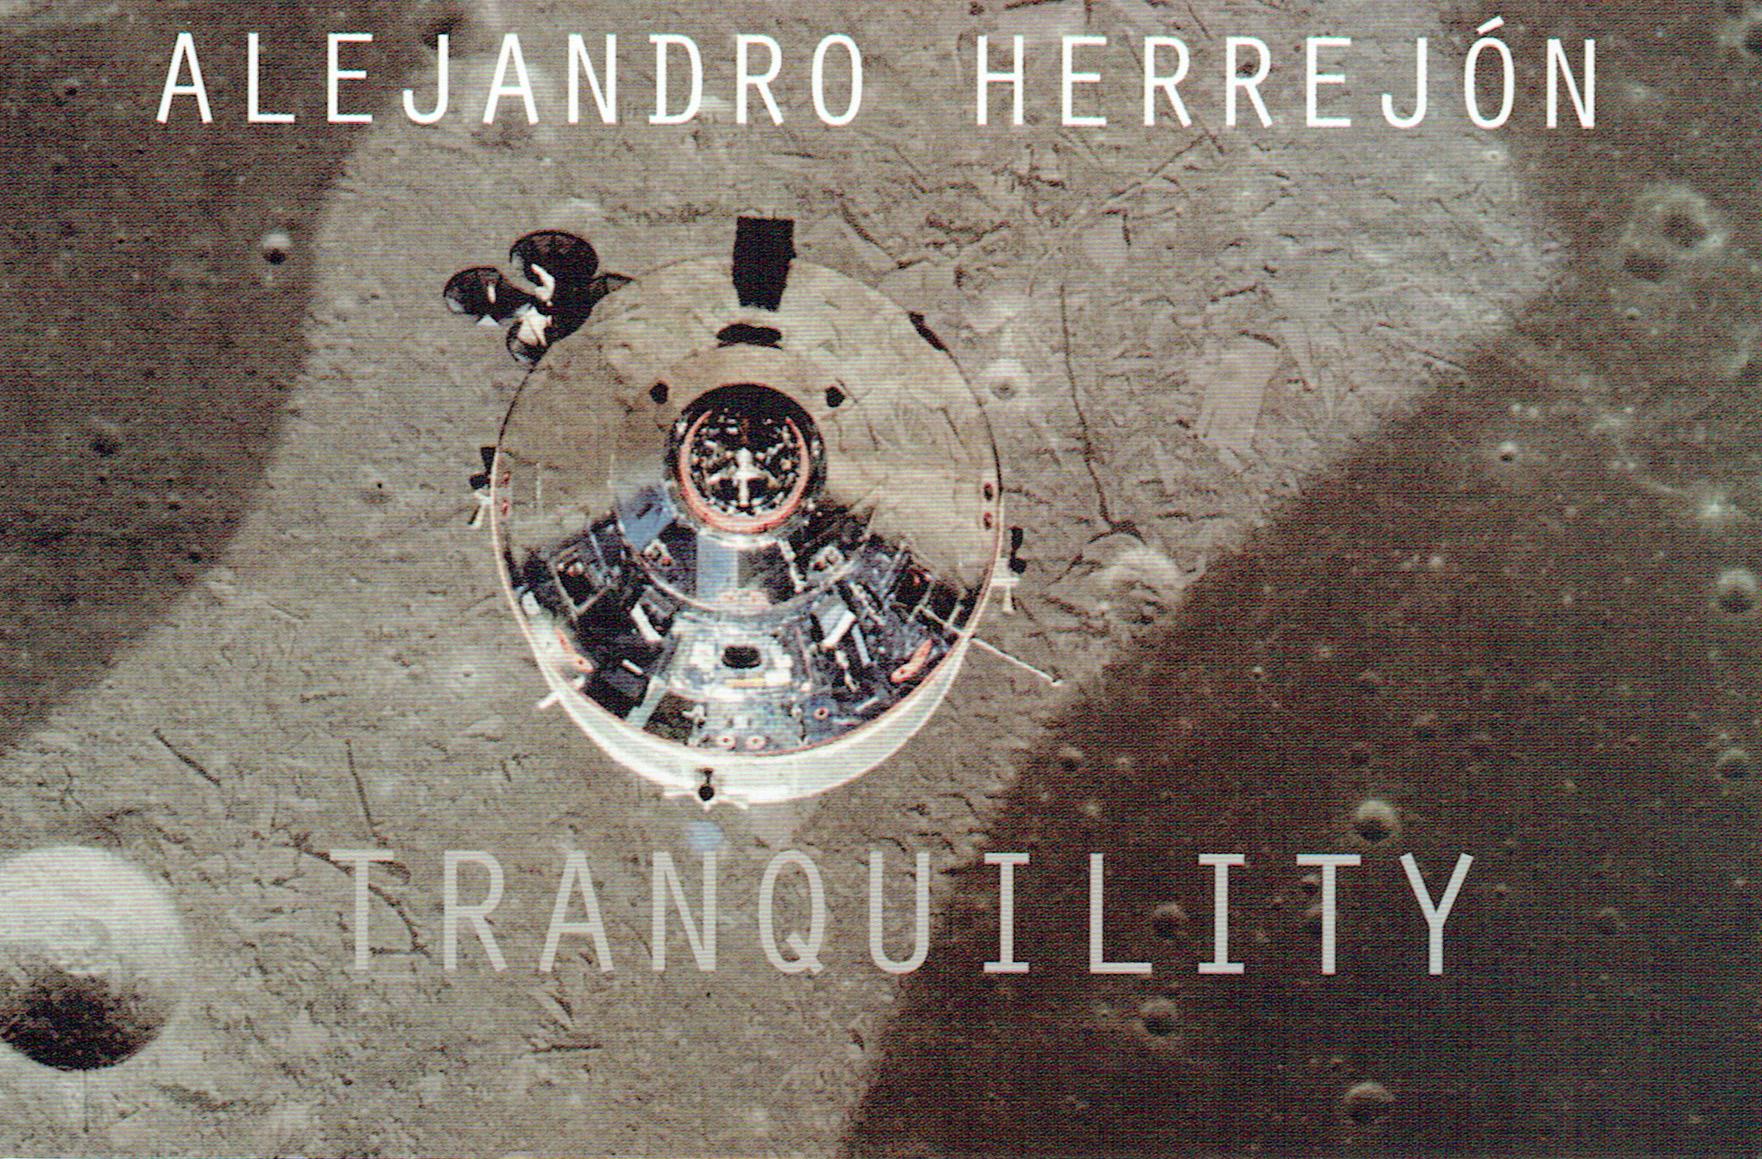 7ª ALEJANDRO HERREJÓN Tranquility.jpg